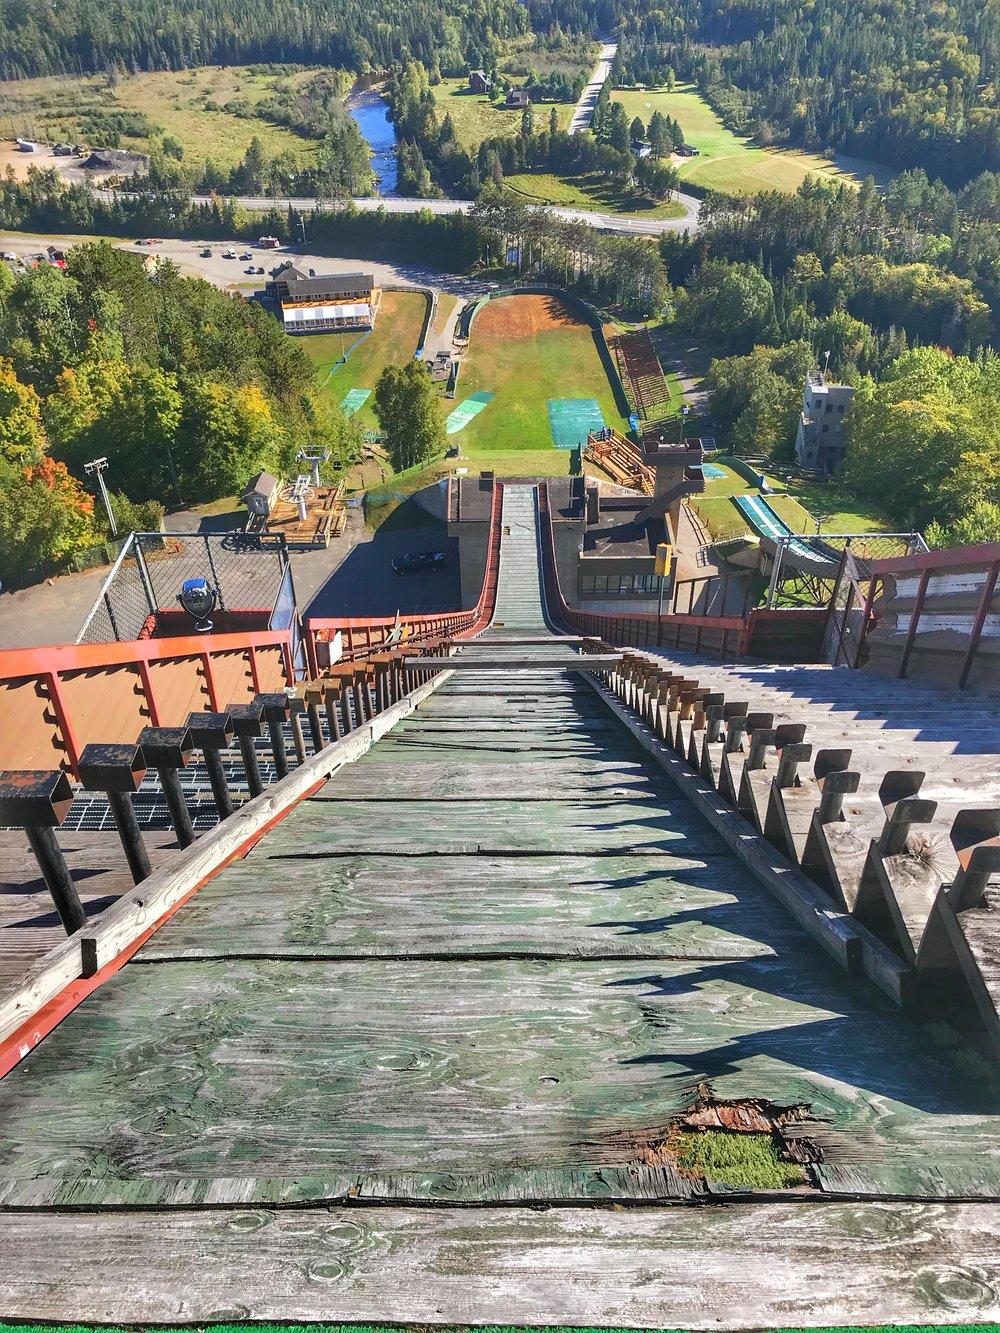 Lake Placid, NY - Ski Jump